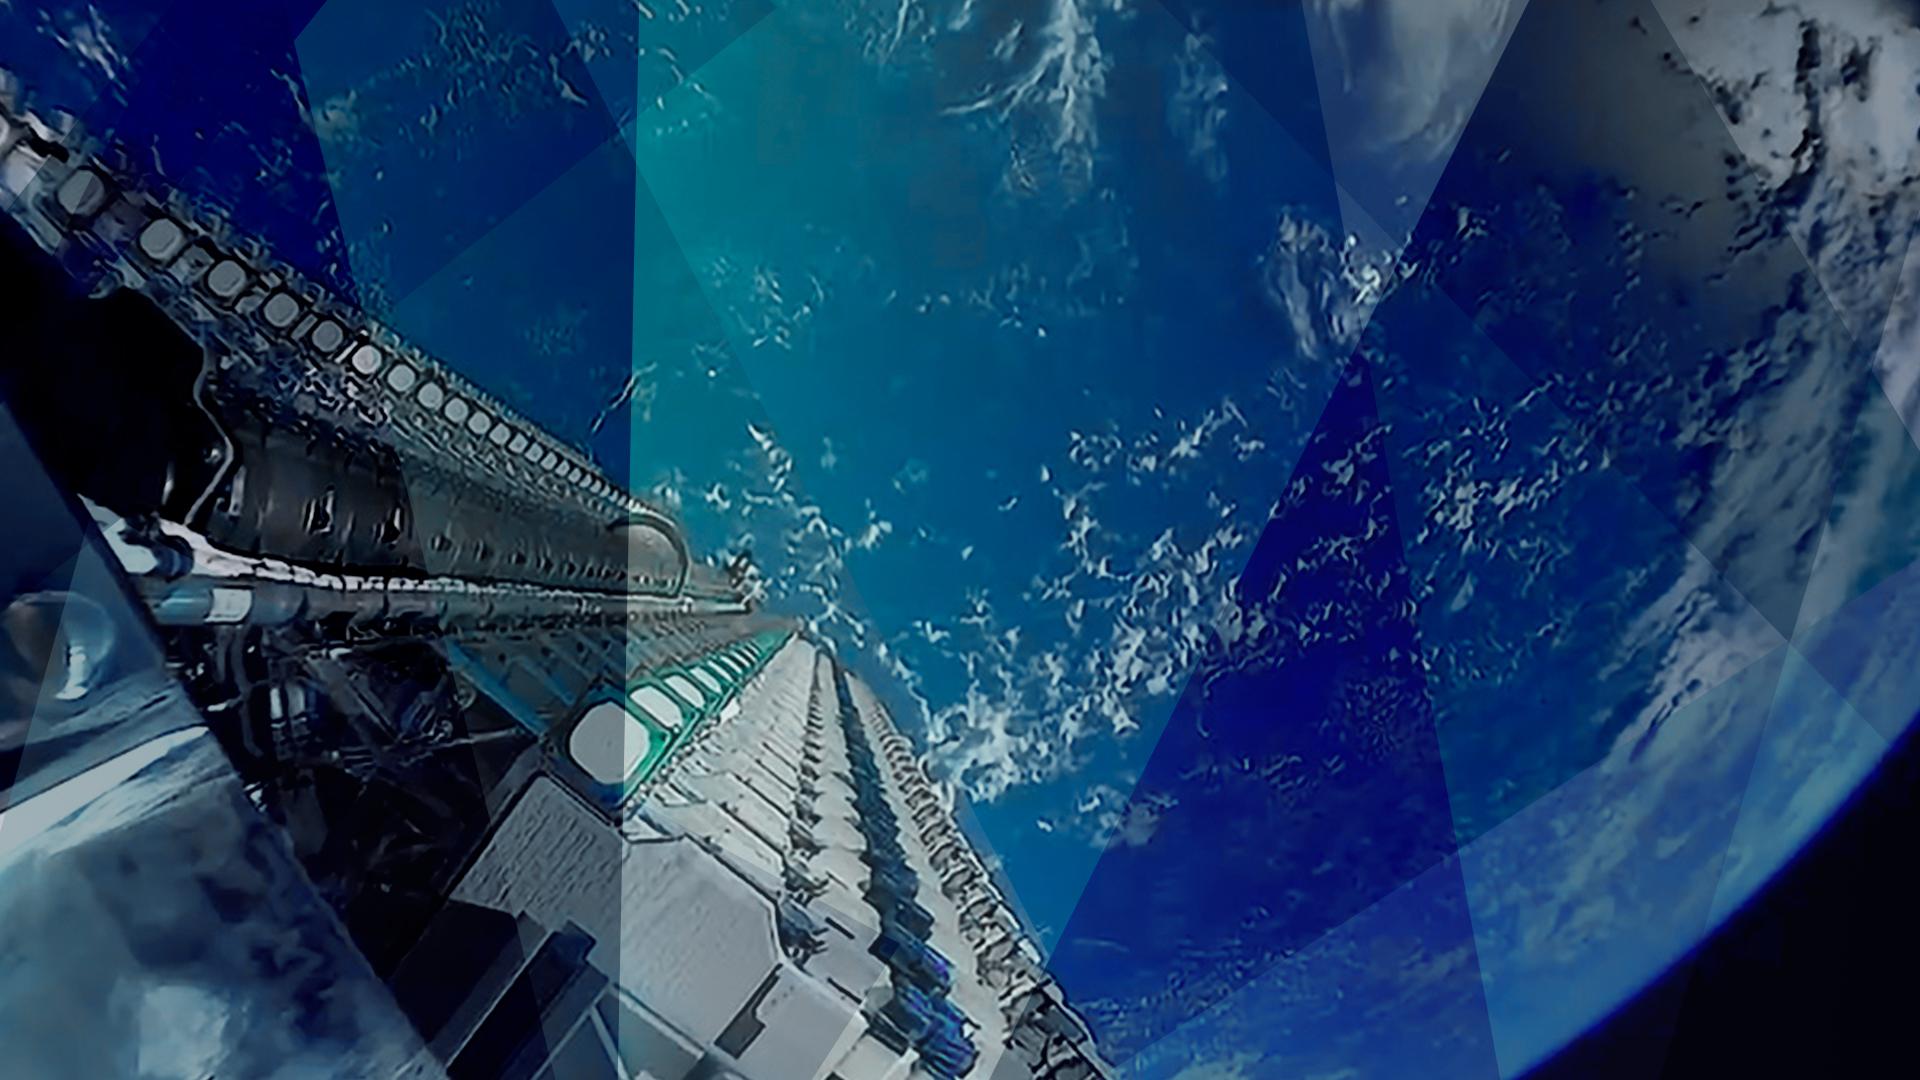 Weltraum, Raumfahrt, Spacex, Rakete, Erde, Planet, Spaceship, Raumstation, Starlink